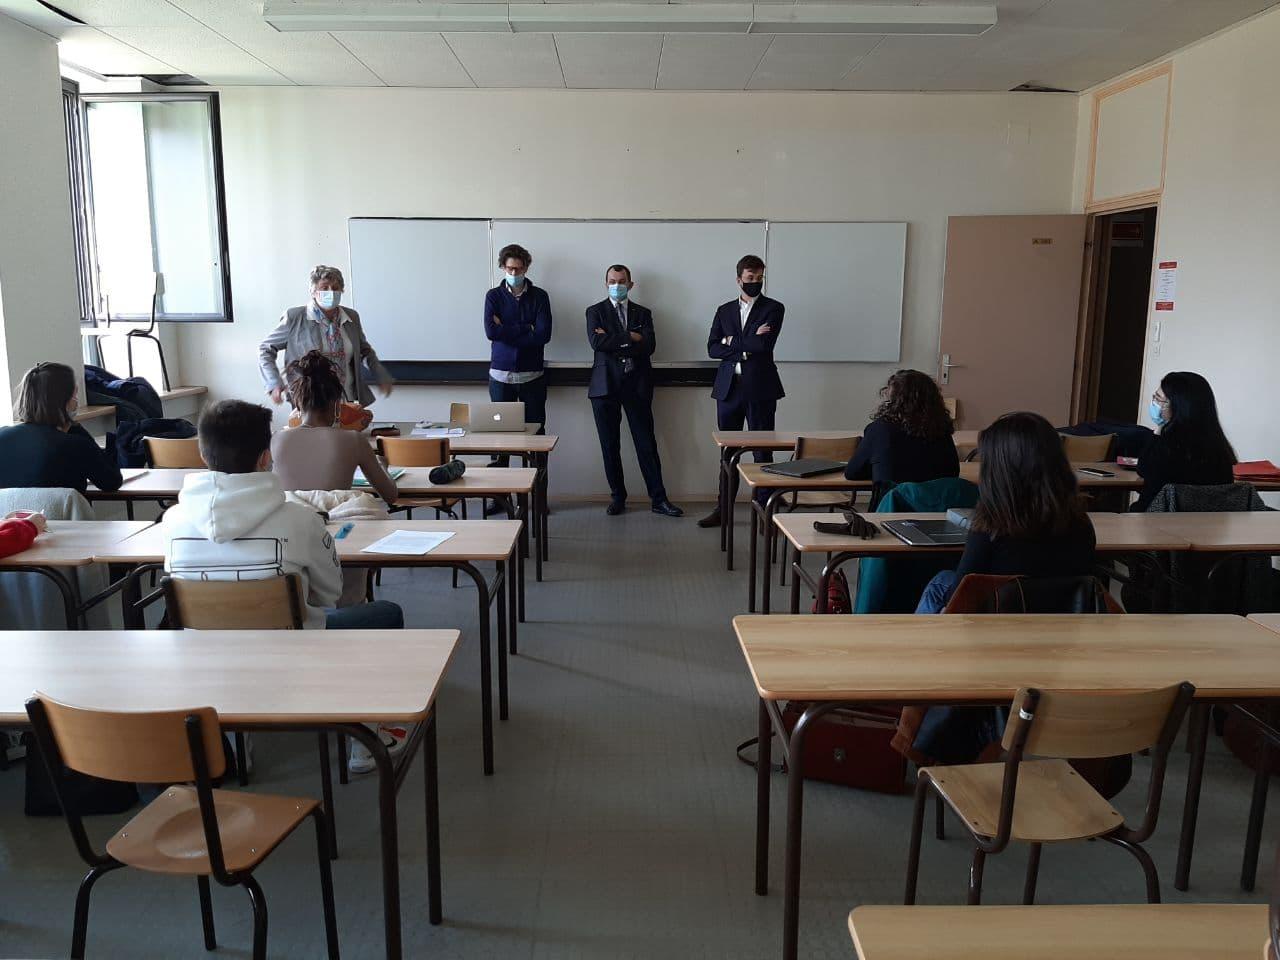 Sacha Houlié à l'écoute des étudiants